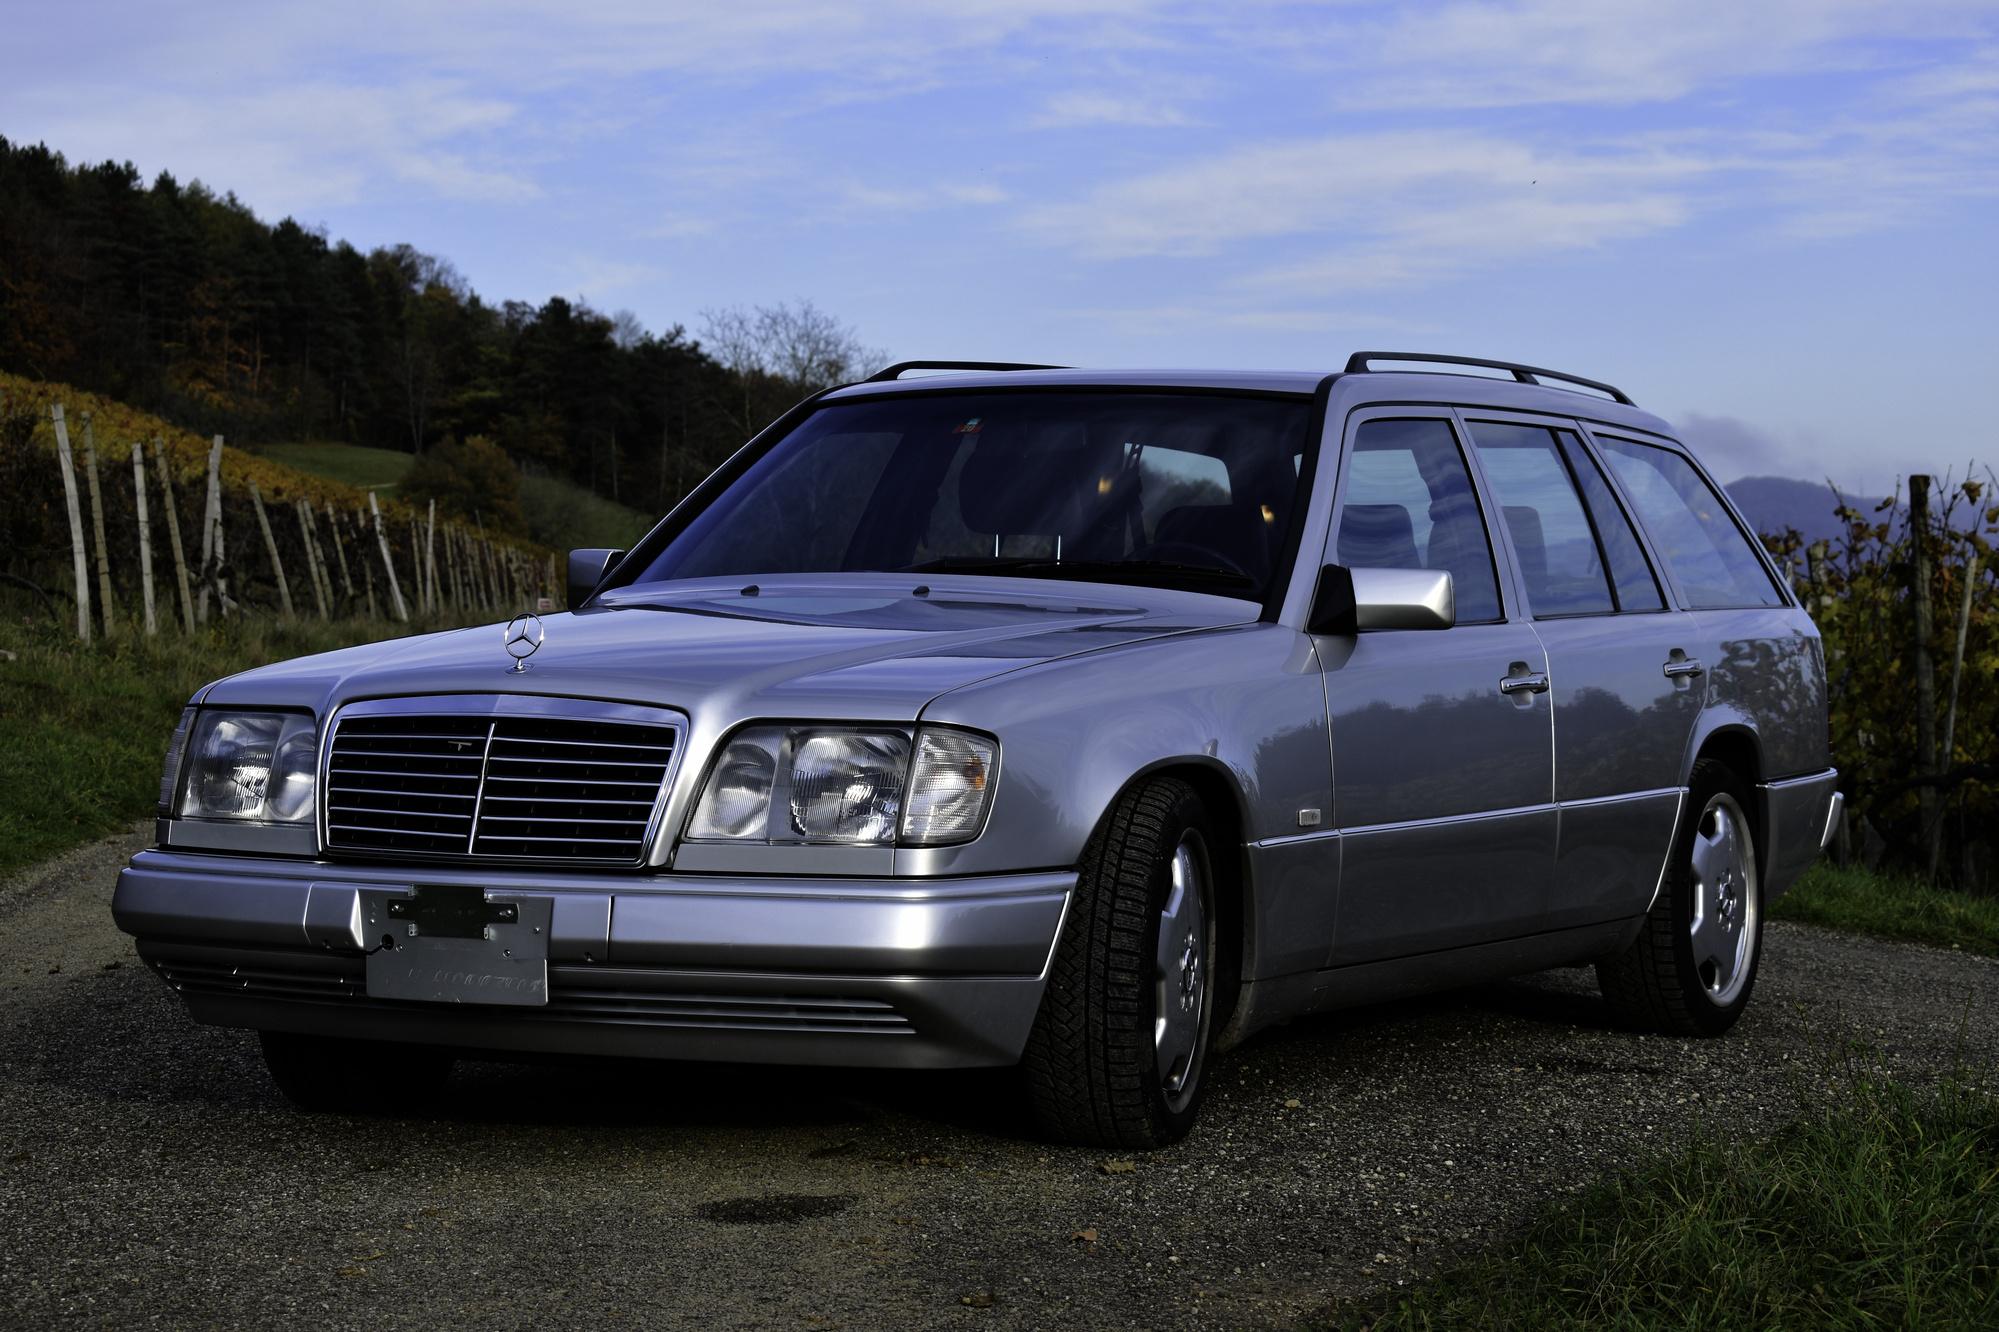 Versteigerung Auktion silberner 1992 Mercedes-Benz 320 TE Youngtimer Alltagsklassiker im Rebberg in Dreiviertelansicht von vorne links